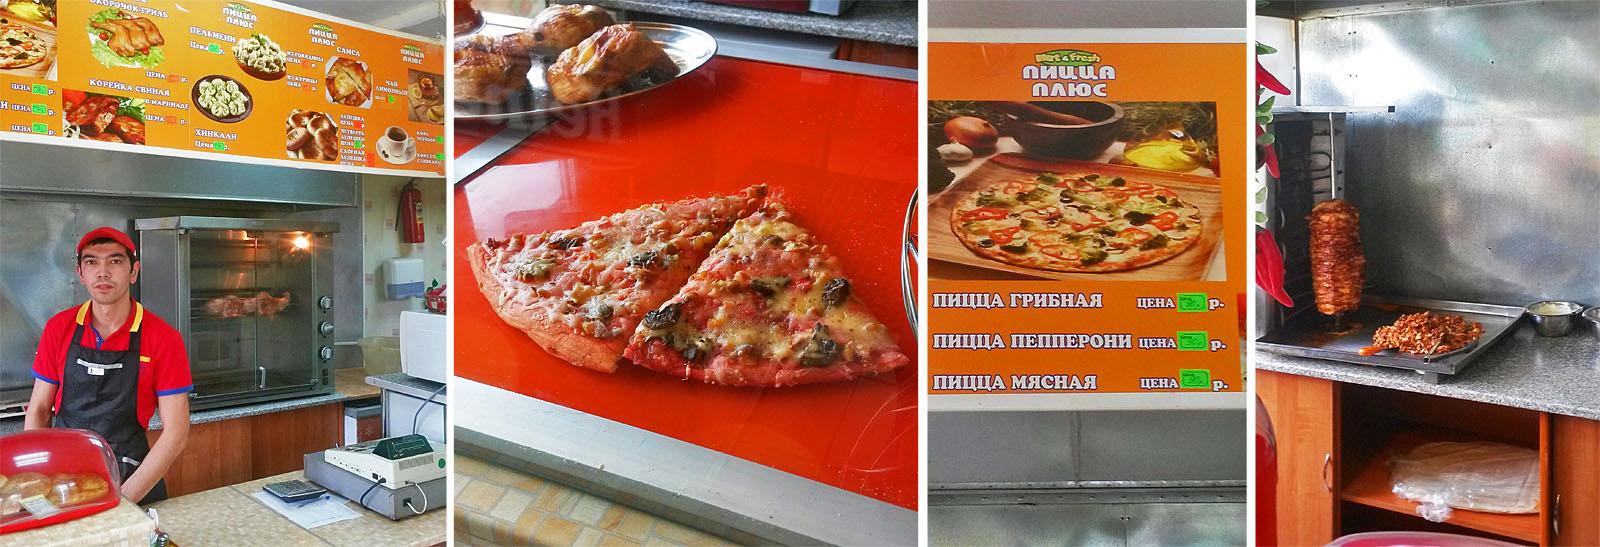 Пицца на любой вкус. Целиком или кусочками. Все для вас! Люкс!